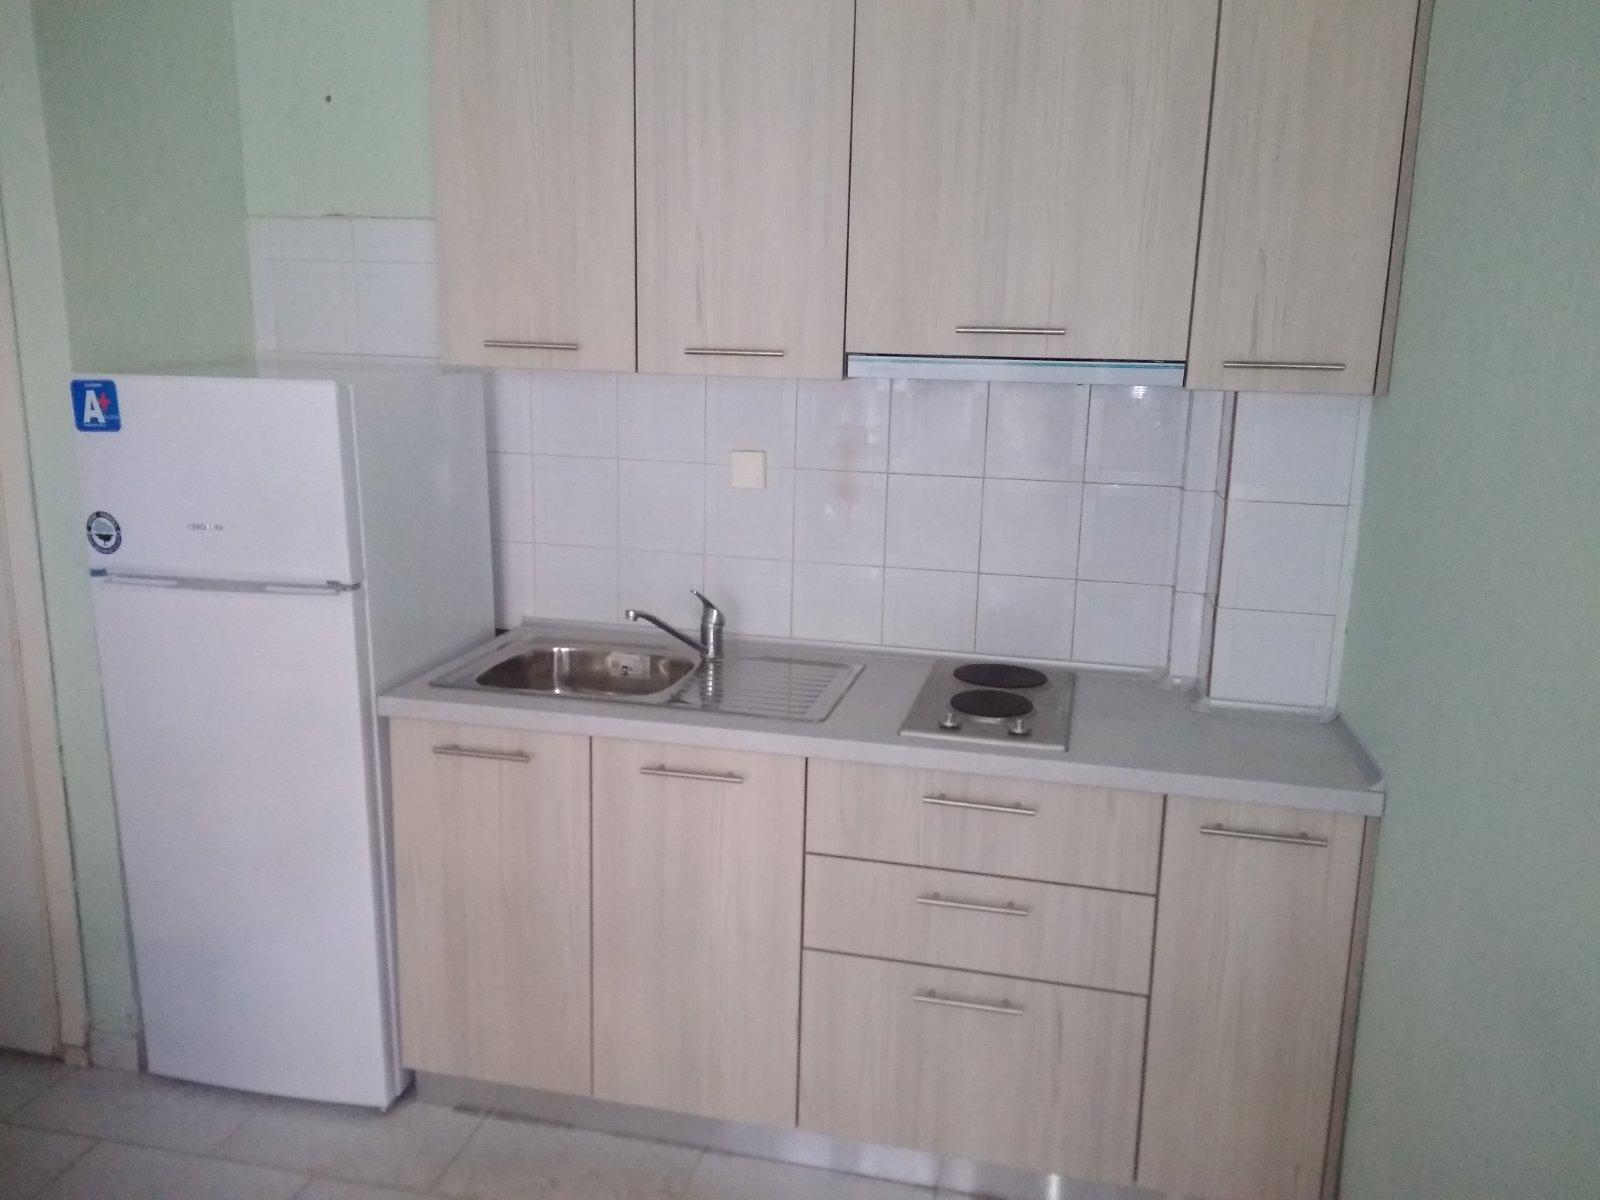 Grcka apartmani letovanje, Pefkohori, Halkidiki, Adonis, izgled kuhinja